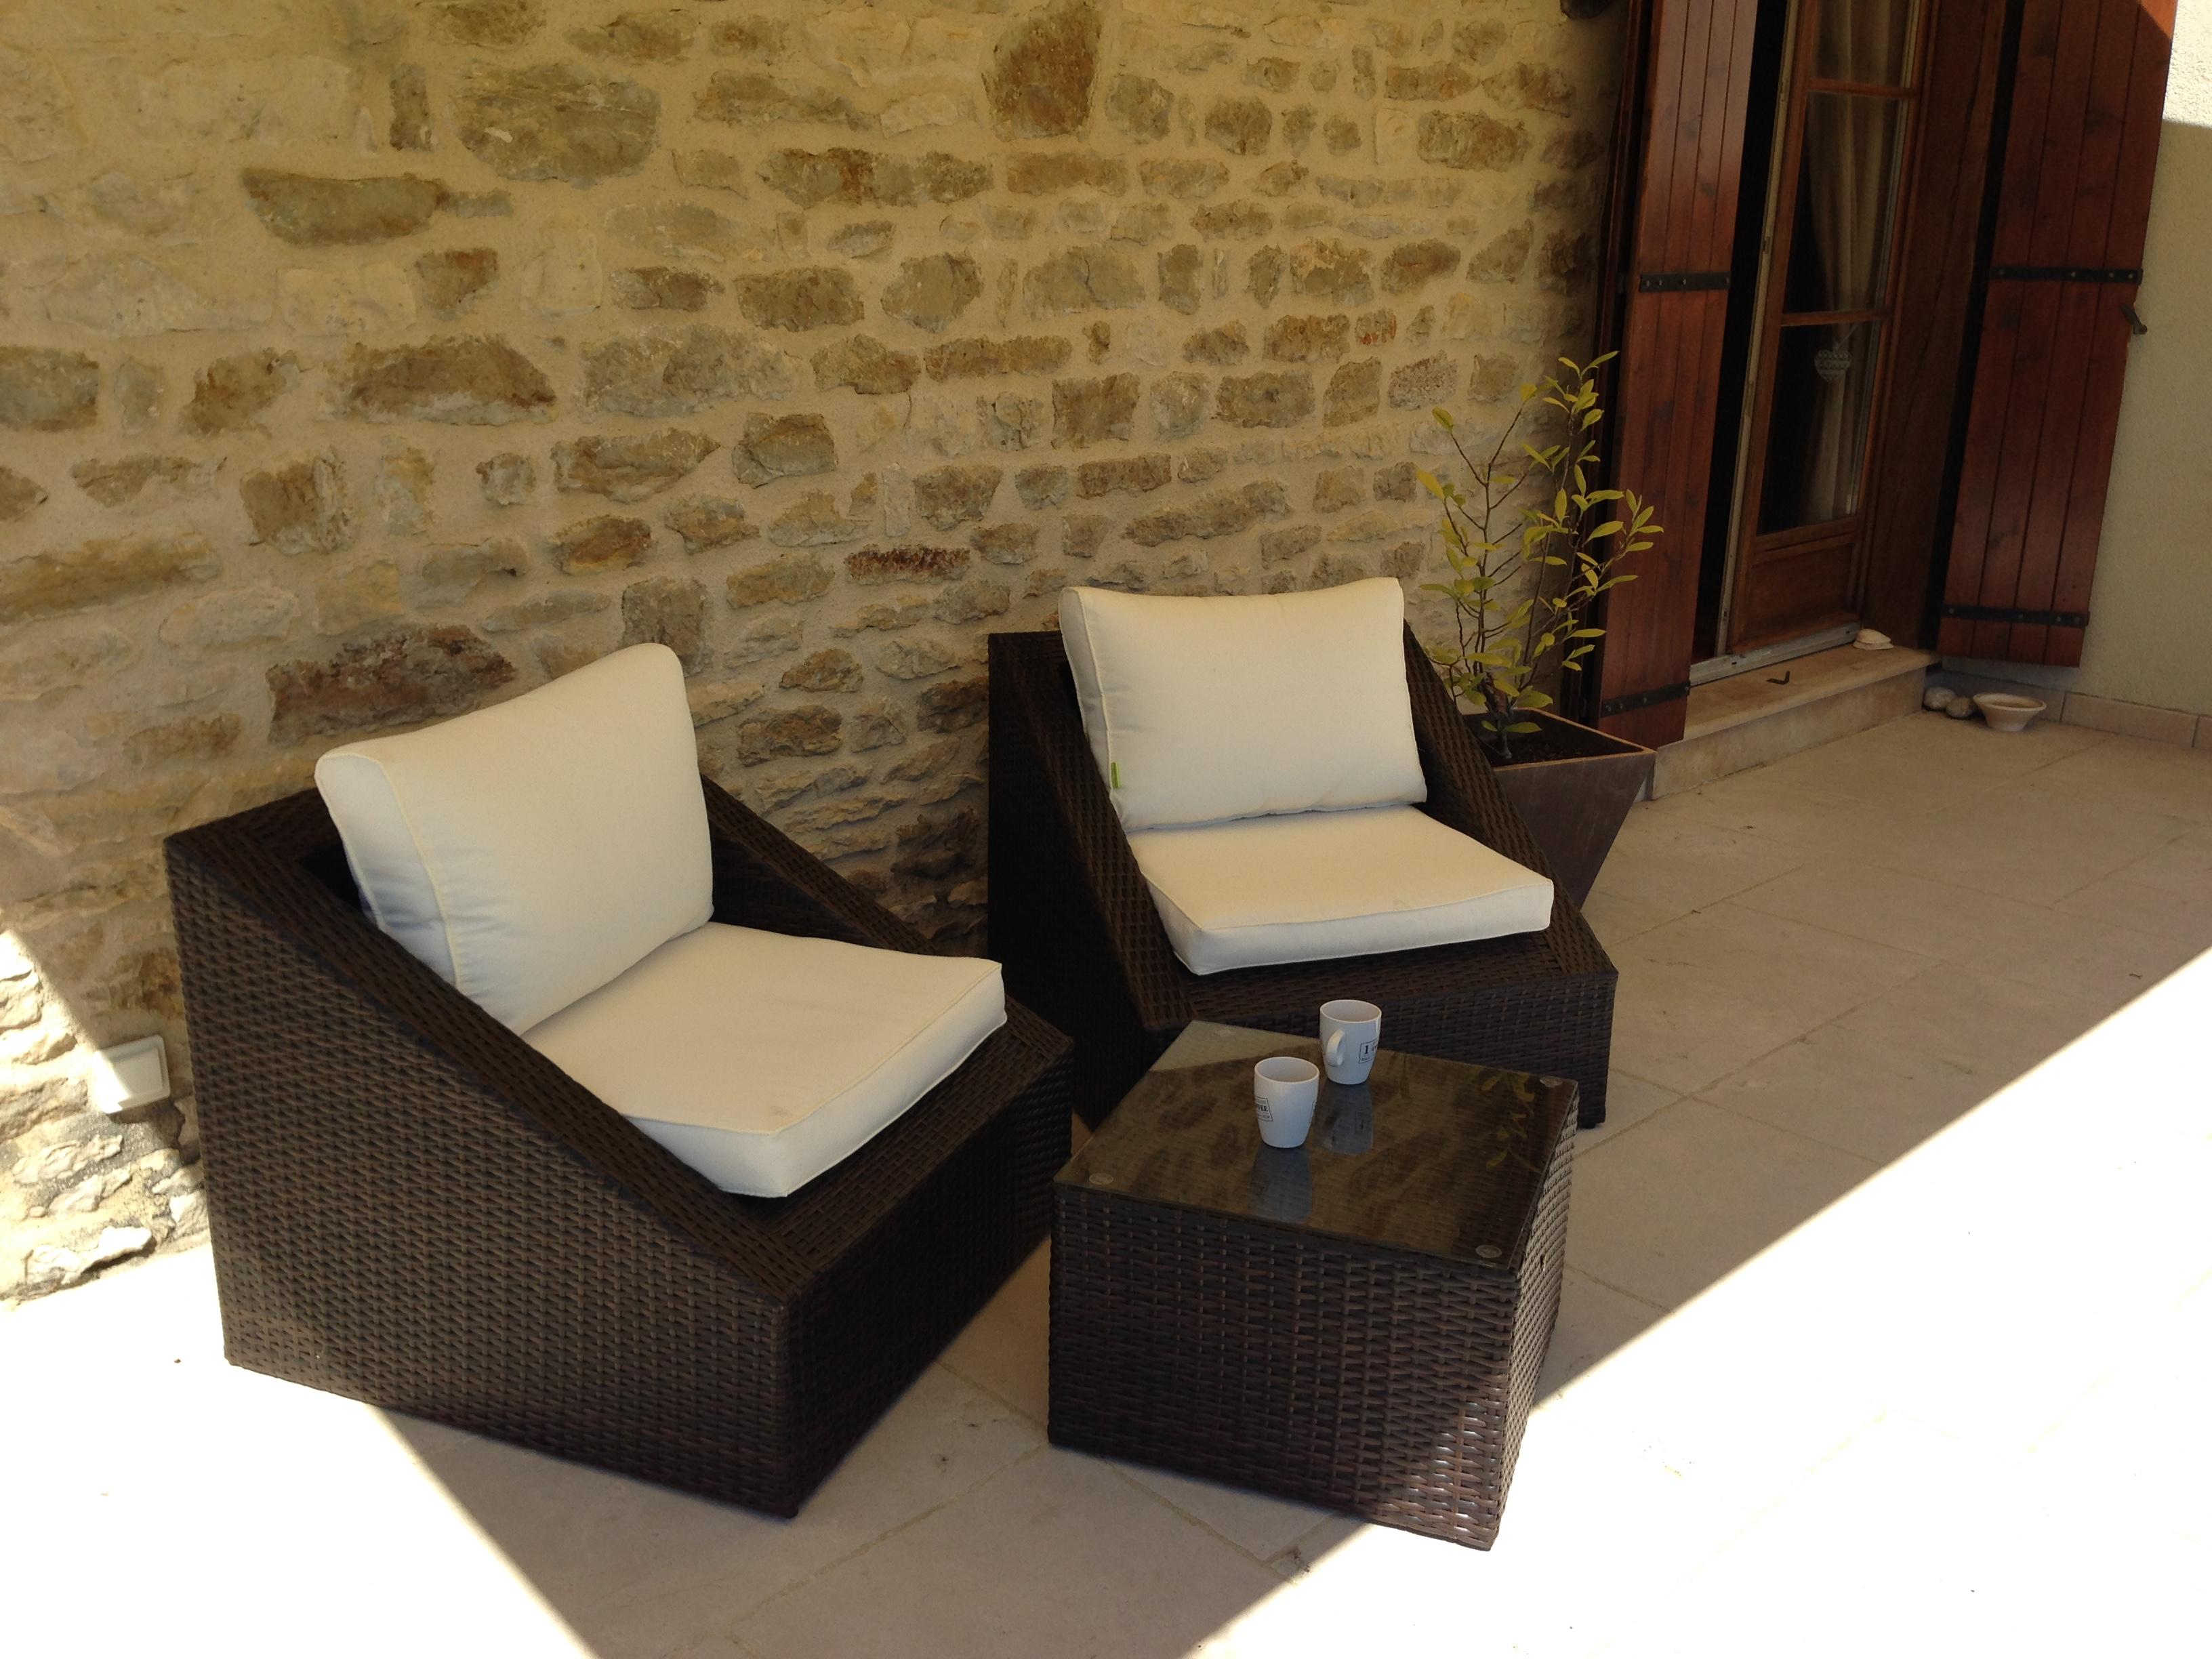 Salon de jardin table basse fauteuil - Mailleraye.fr jardin